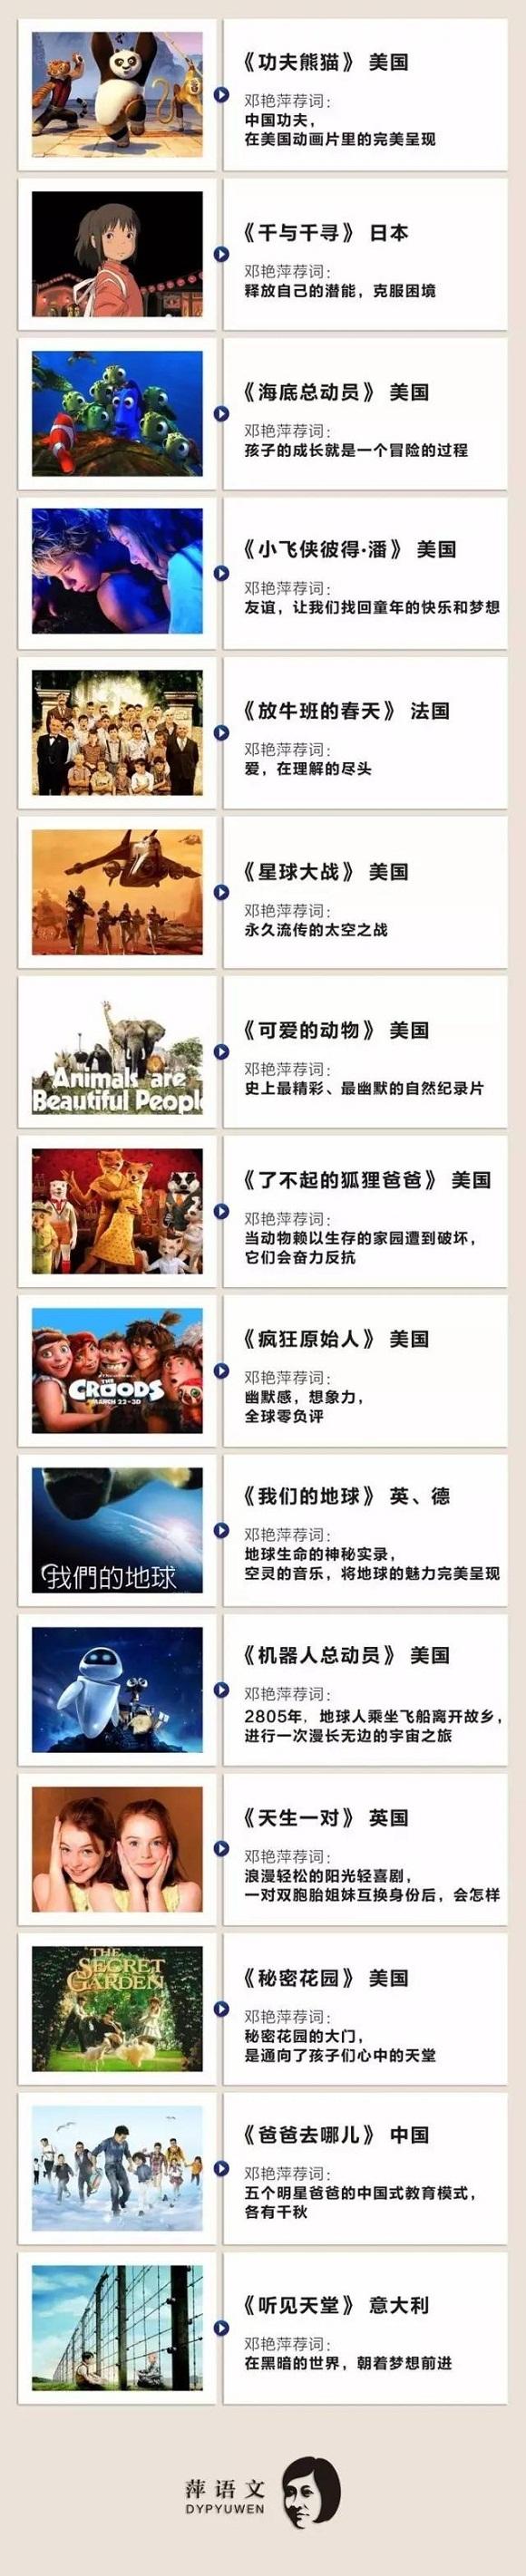 小学生必看的30部电影